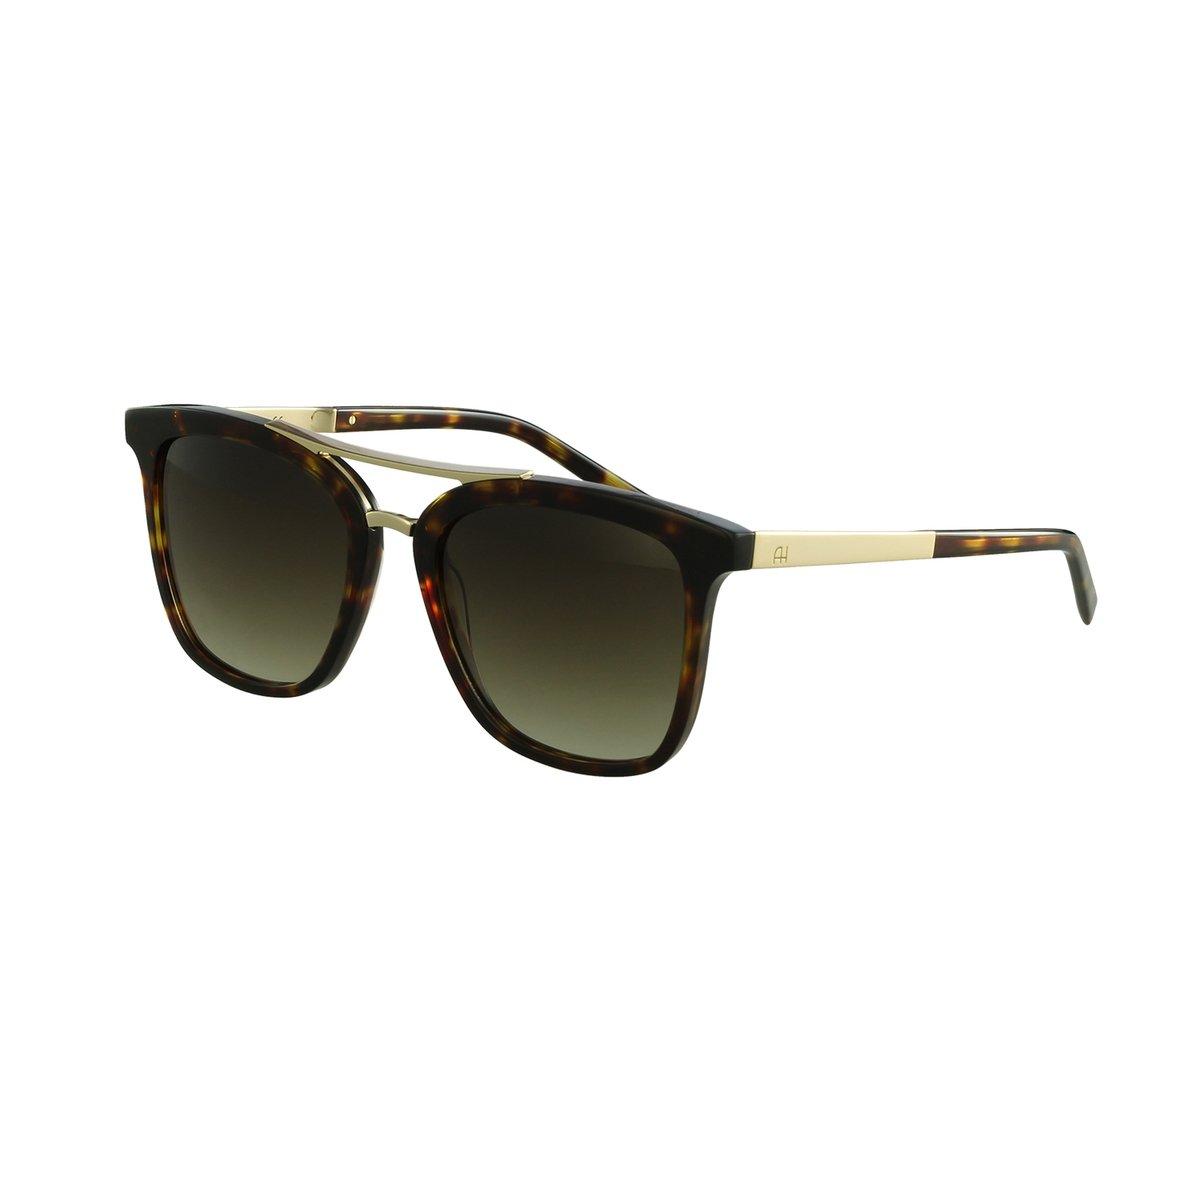 Óculos De Sol Ana Hickmann Casual - Marrom - Compre Agora   Netshoes 4977cf0e20